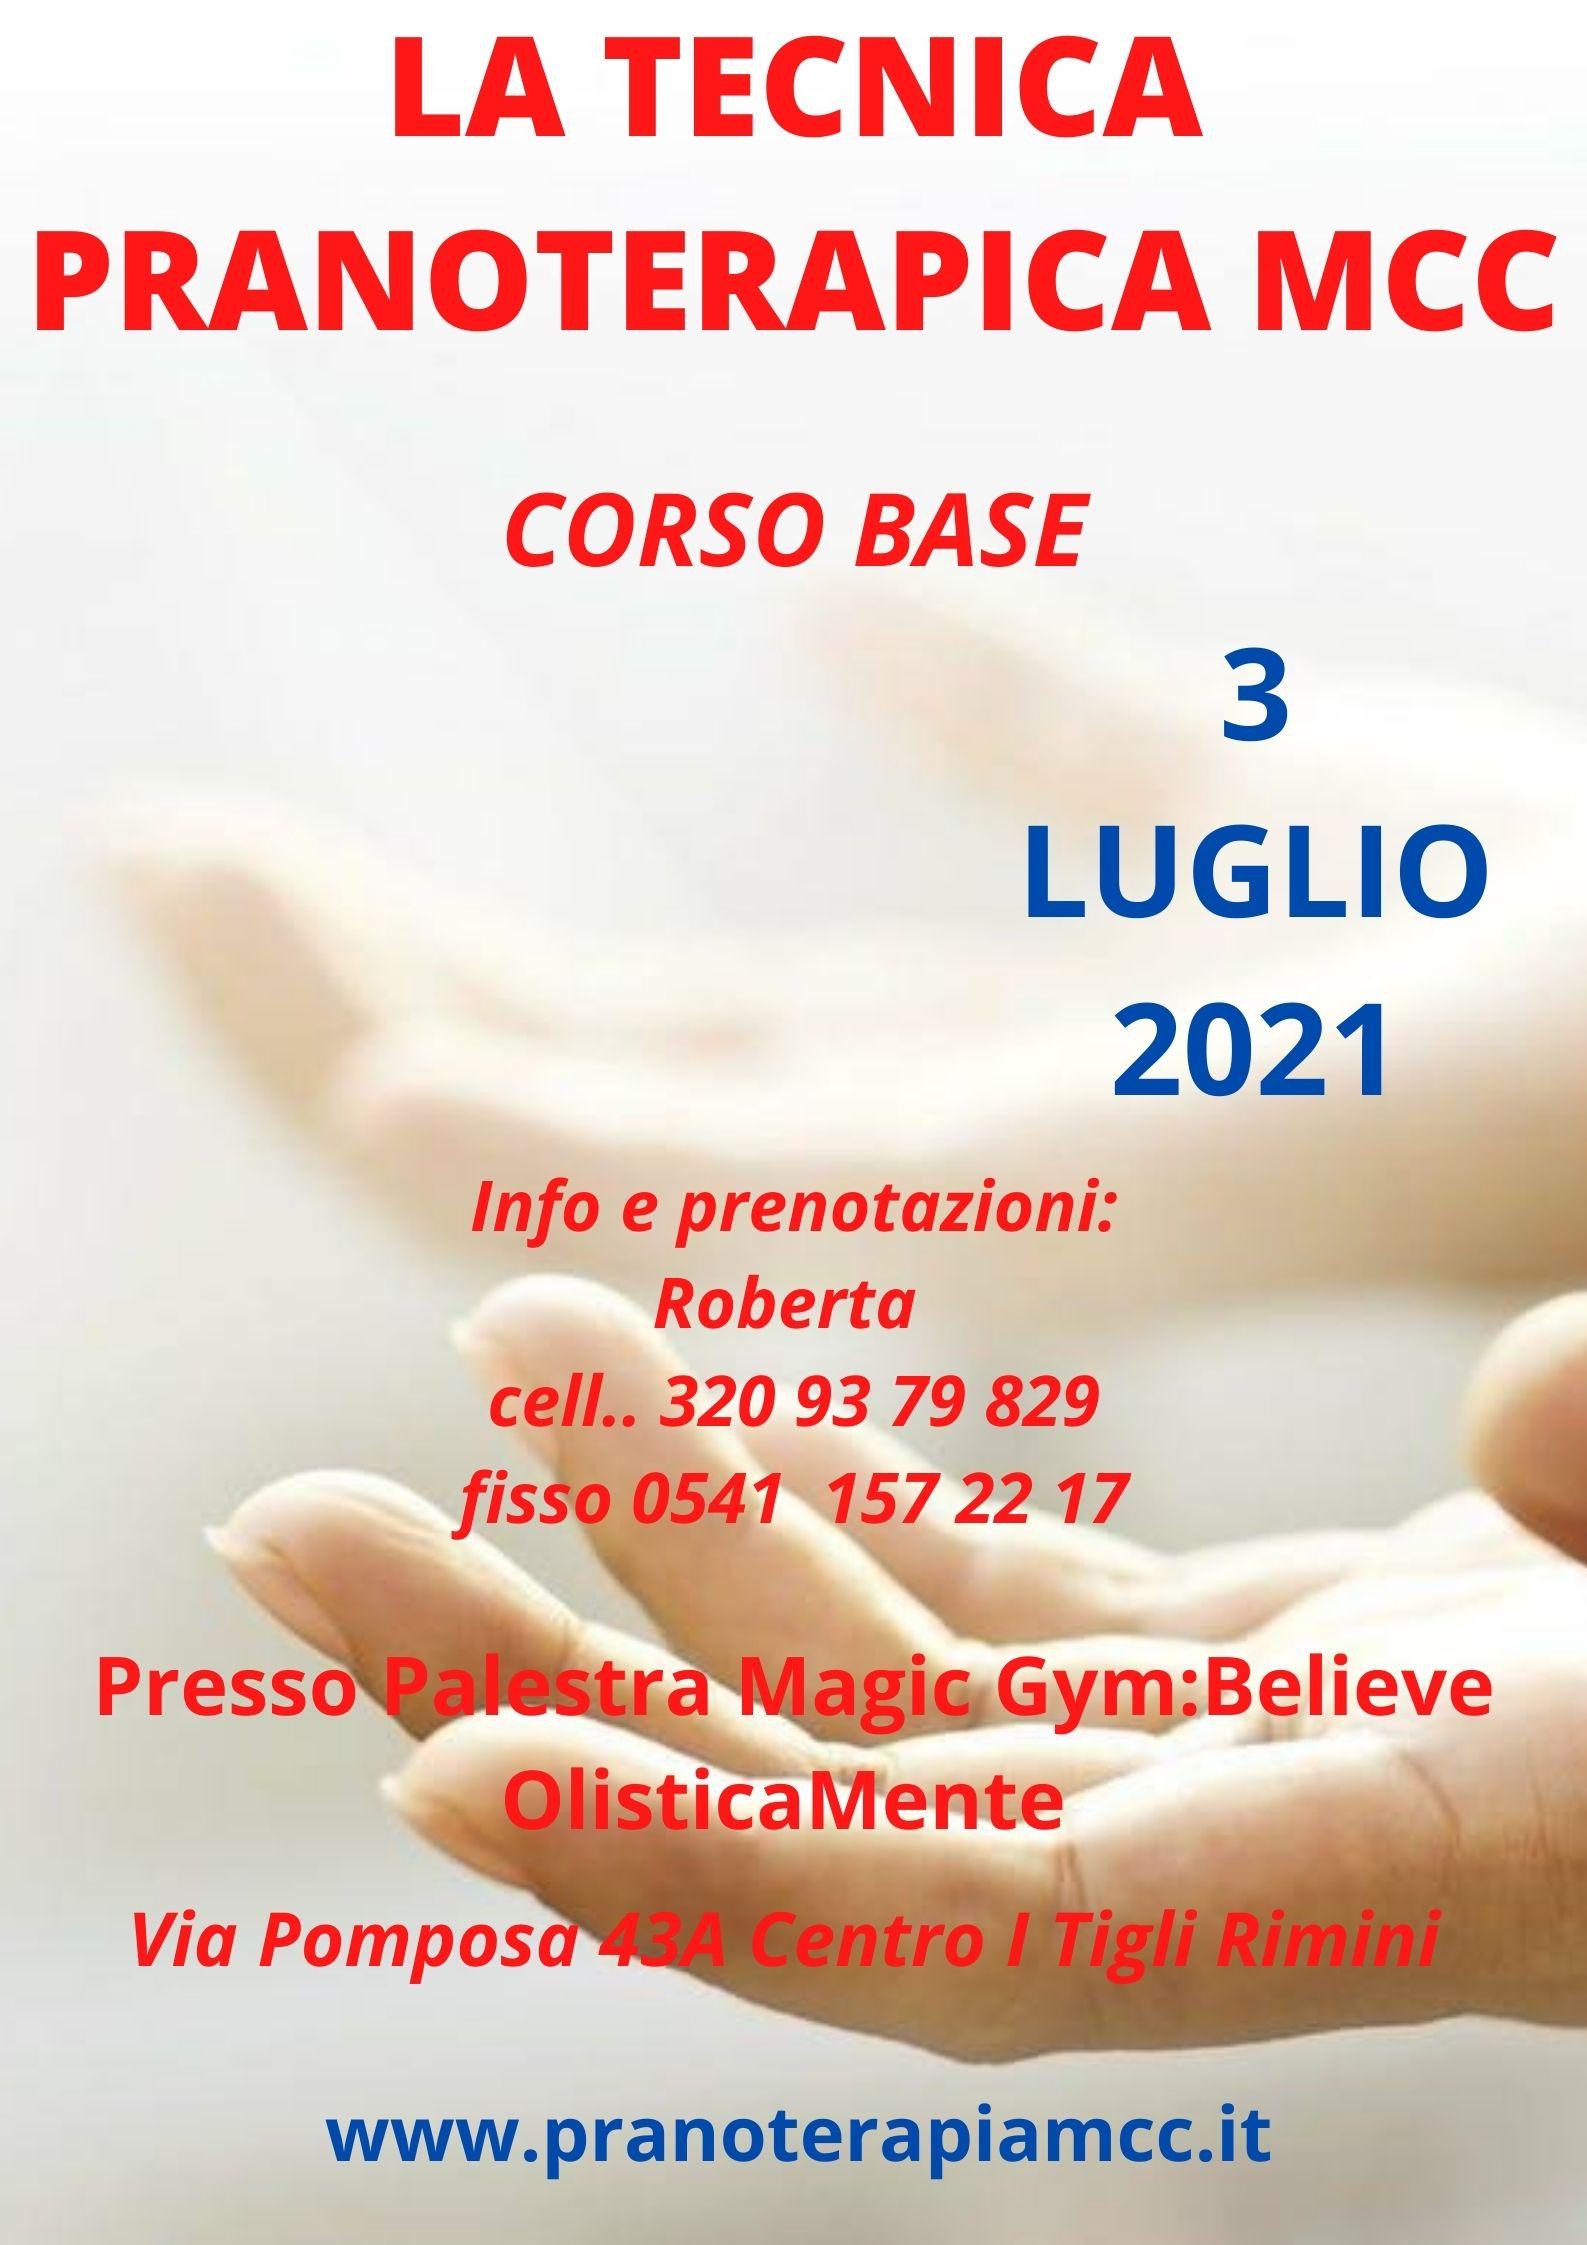 SEMINARIO DI TECNICA PRANOTERAPICA MCC - CORSO BASE